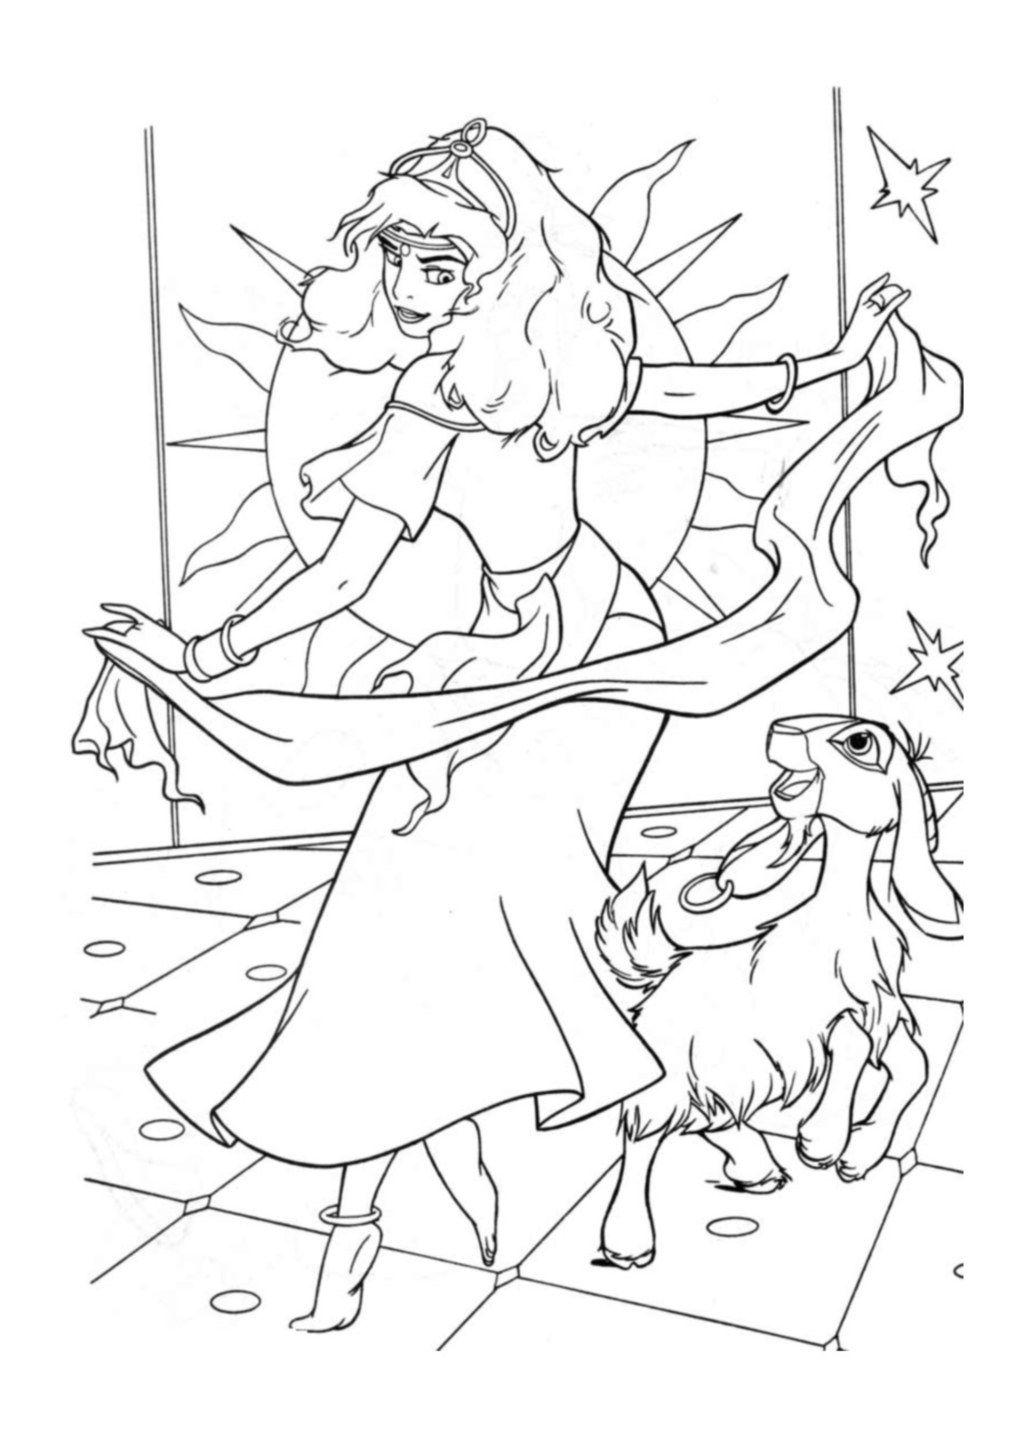 Princess esmeralda coloring pages - Esmeralda Her Goat Djali Coloring Page